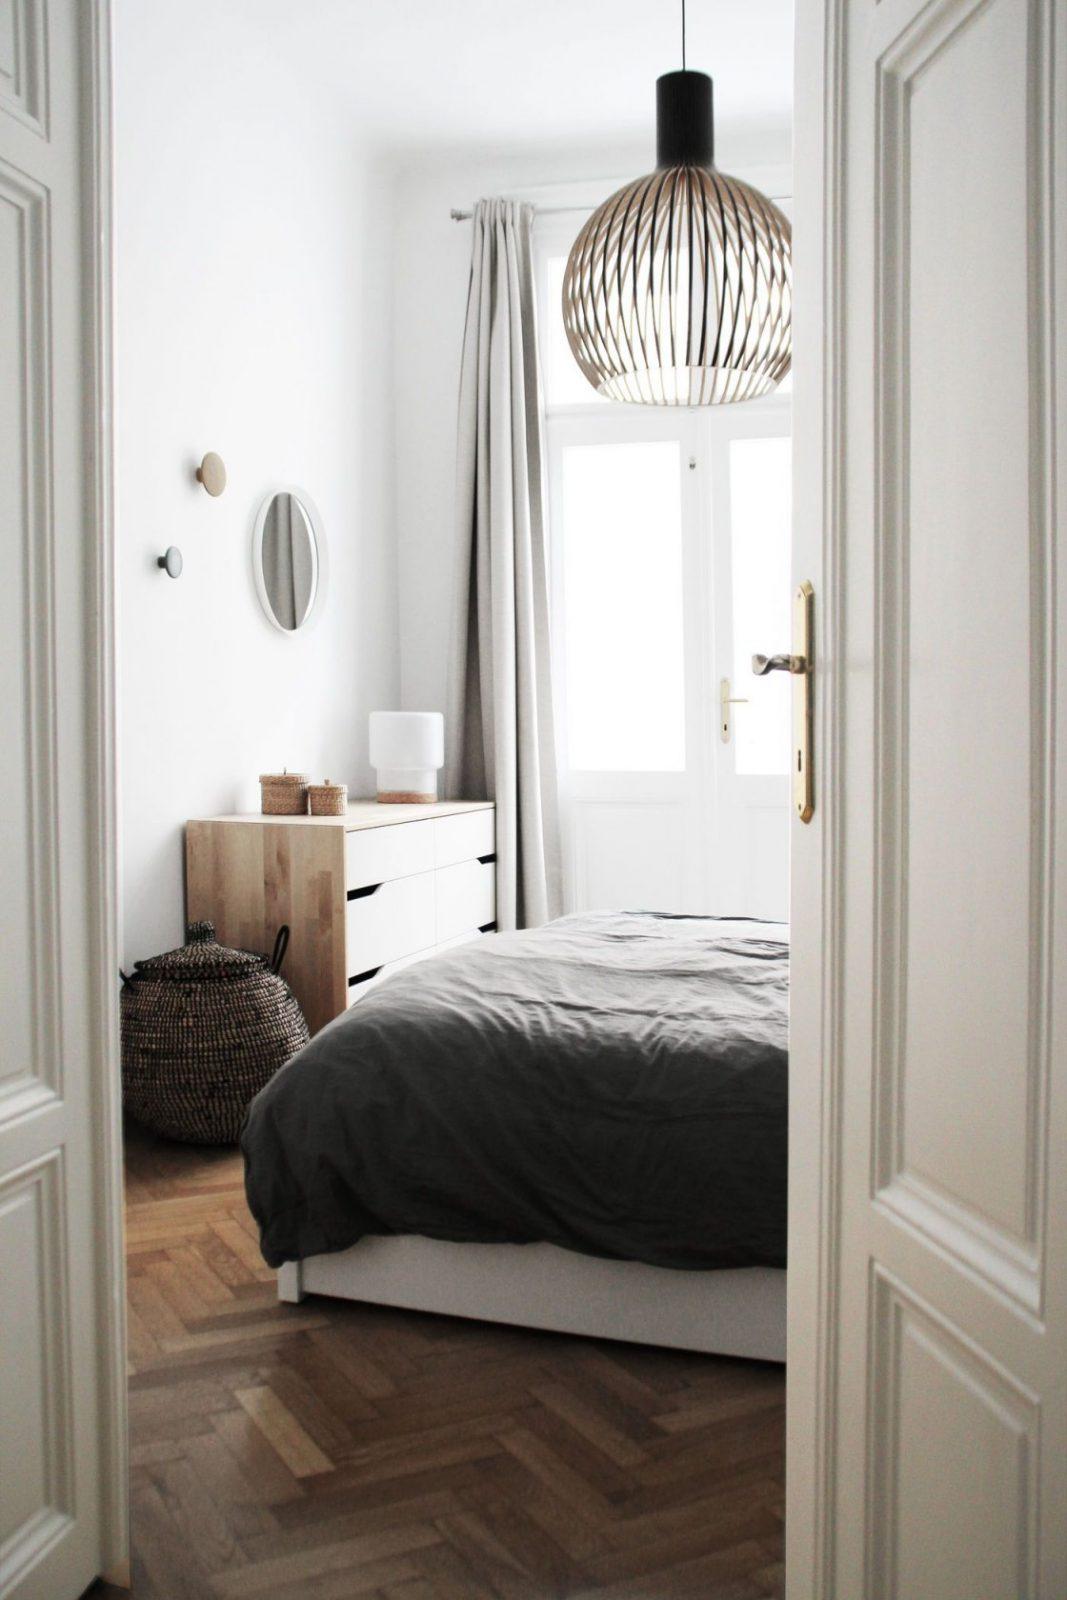 Die Schönsten Ideen Für Vorhänge  Gardinen von Ideen Für Wohnzimmer Gardinen Bild